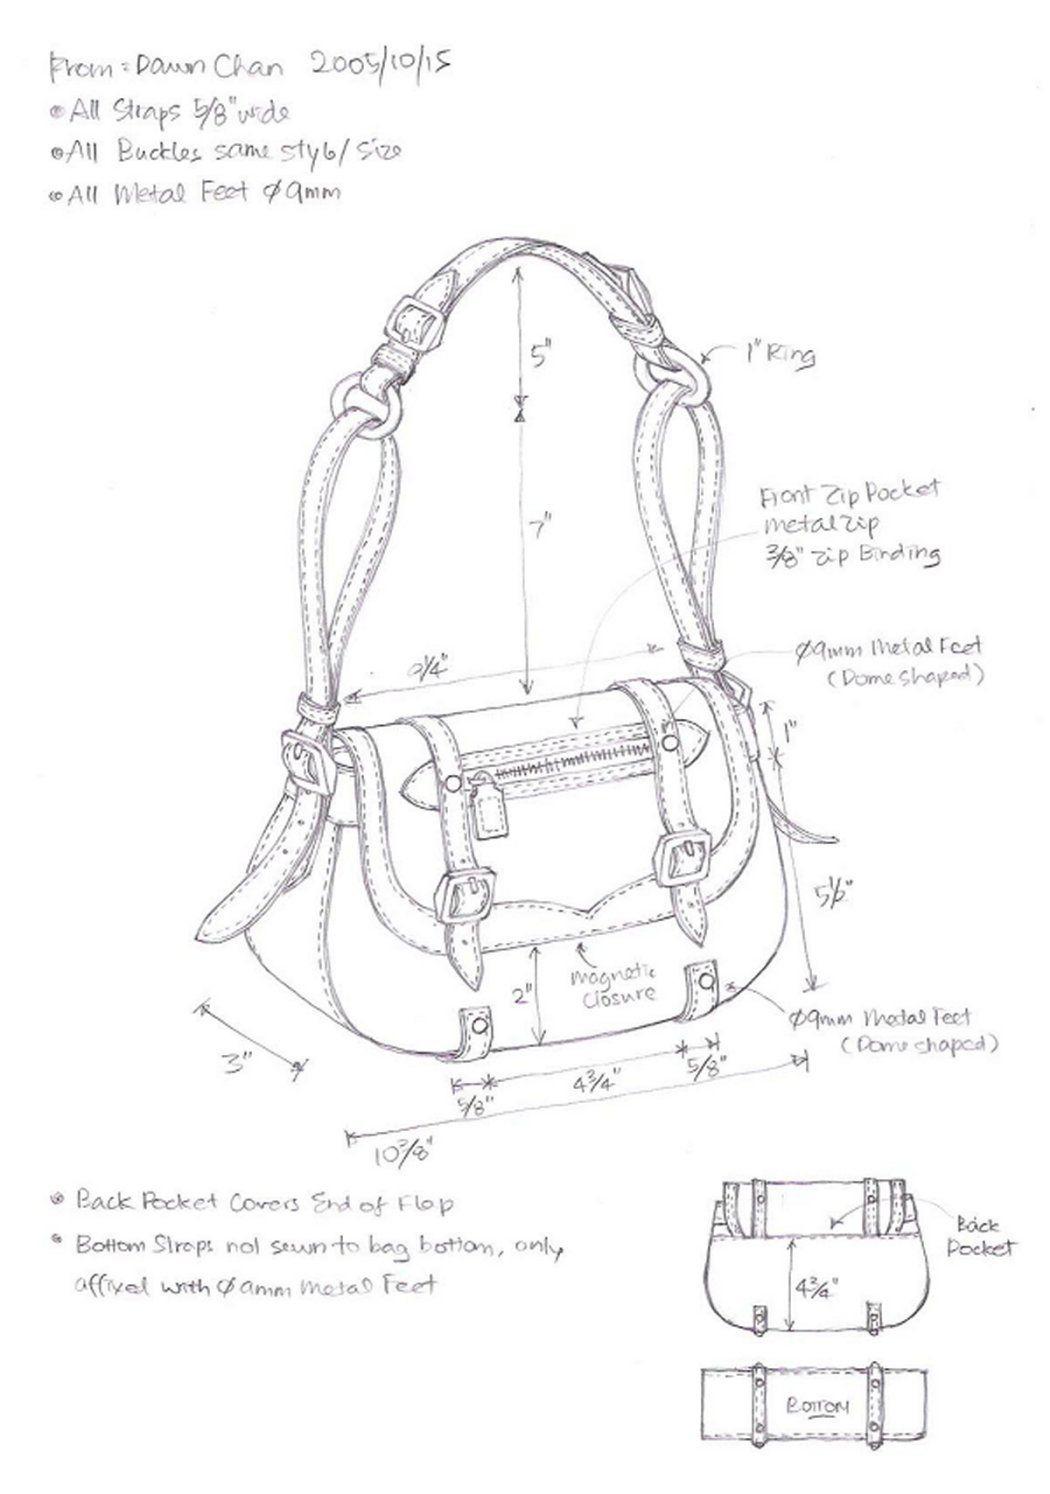 7 Best Images Of Leather Handbag Patterns Printable - Free Leather - Handbag Patterns Free Printable